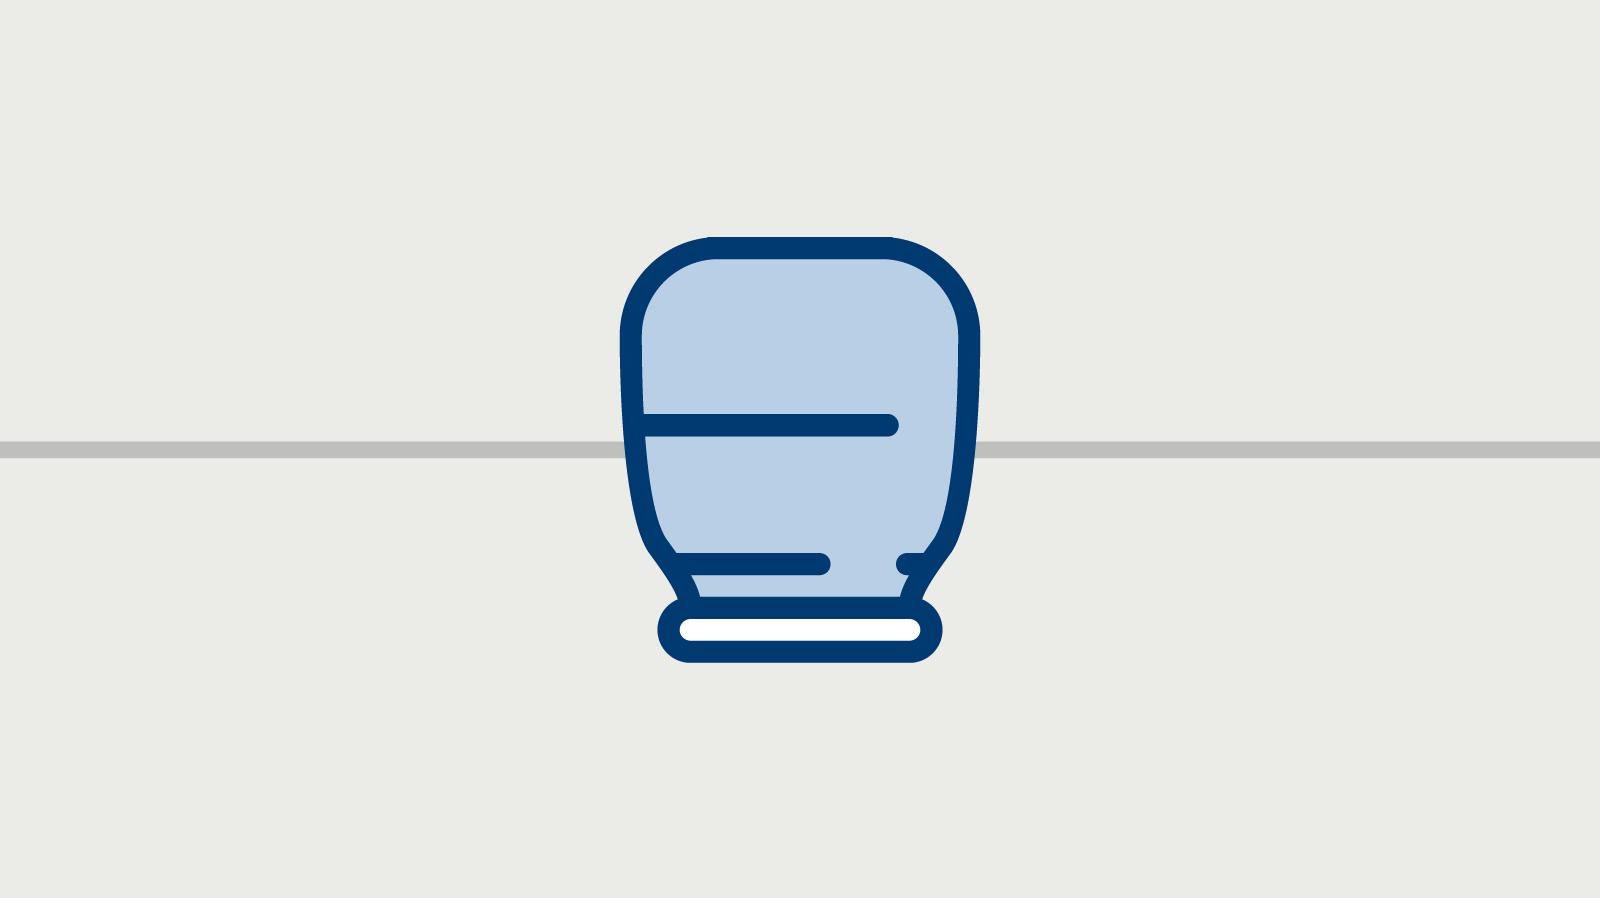 Ein Icon zeigt eine Aschekapsel